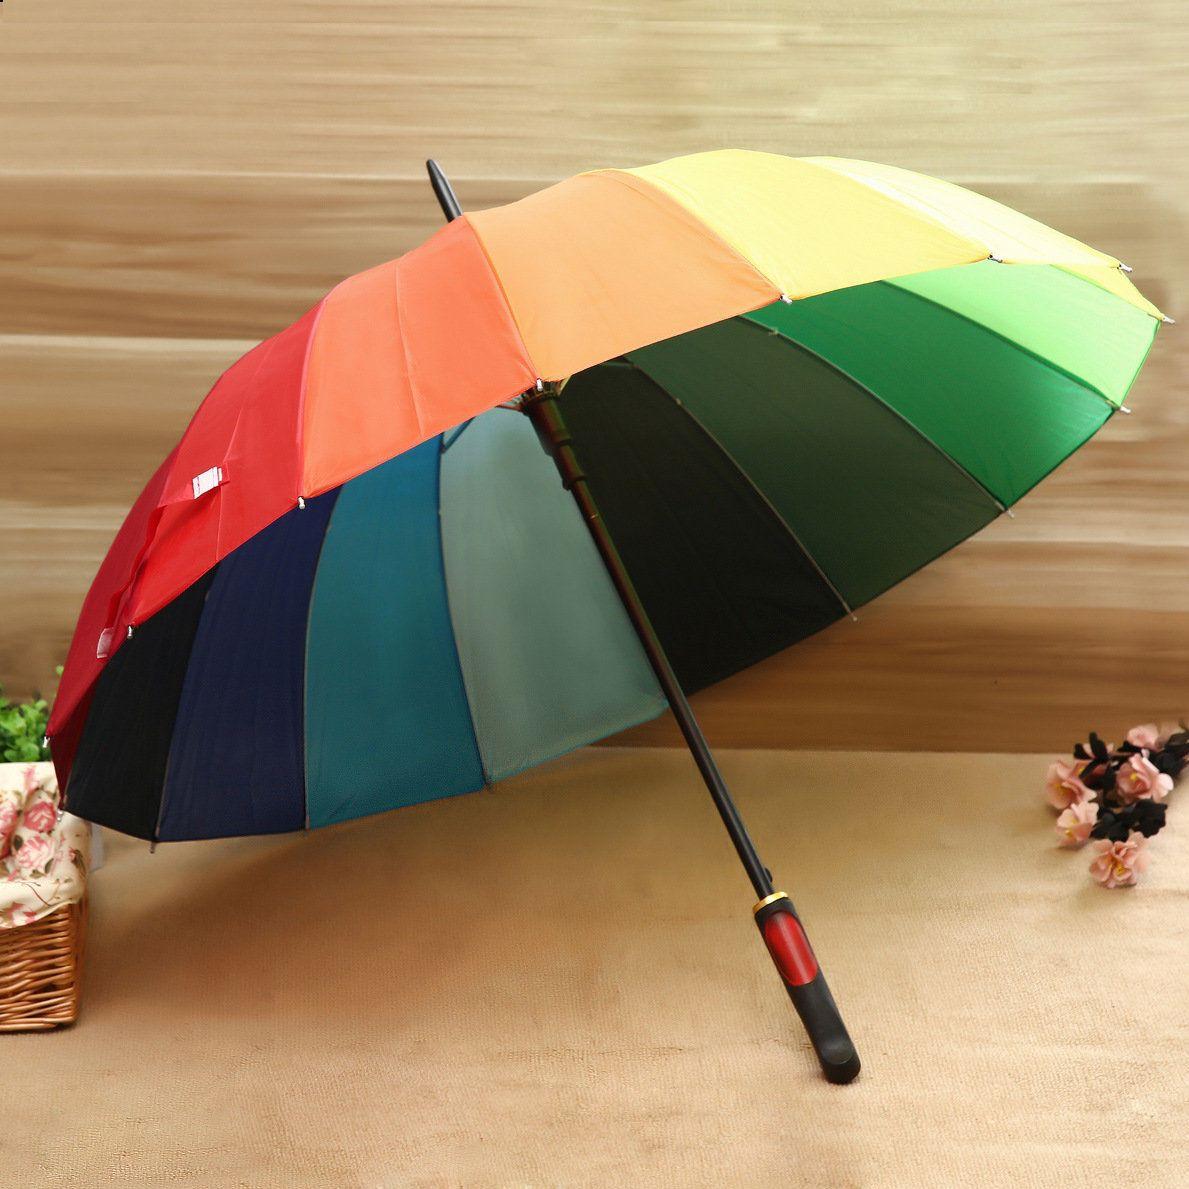 16K韩国创意彩虹伞 长柄自动雨伞 厂家直杆雨伞 定制印刷广告